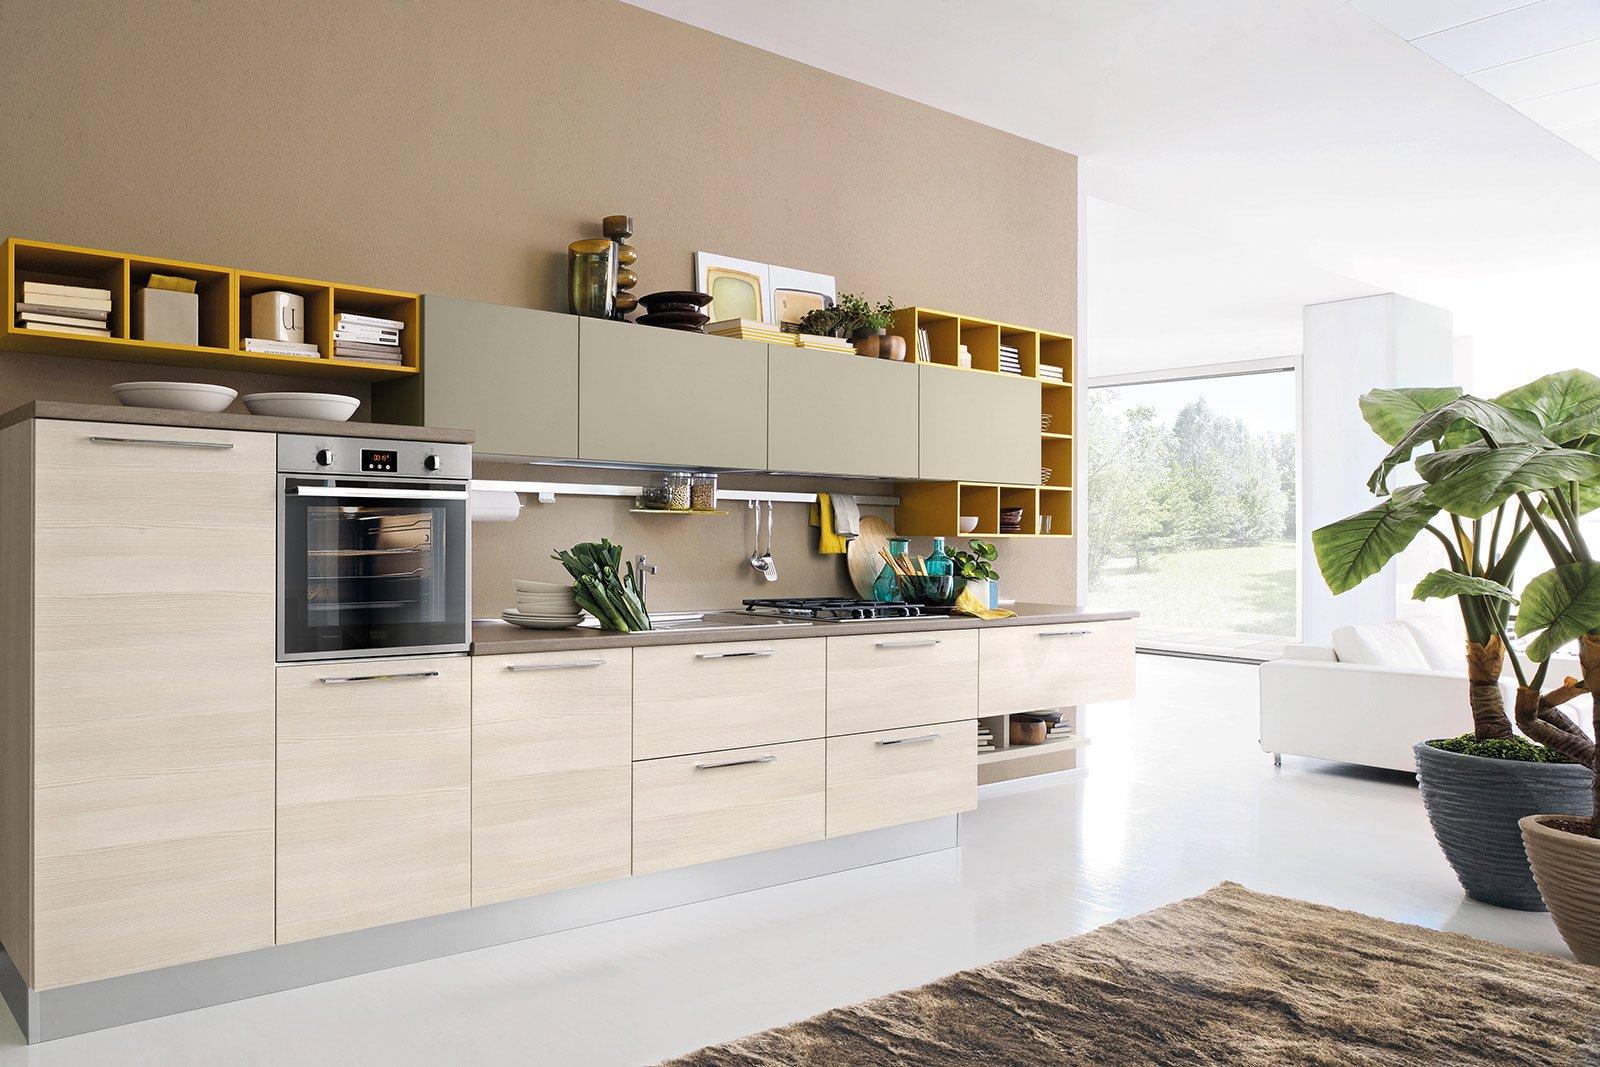 Nuove cucine: con un tocco di colore fluo - Cose di Casa